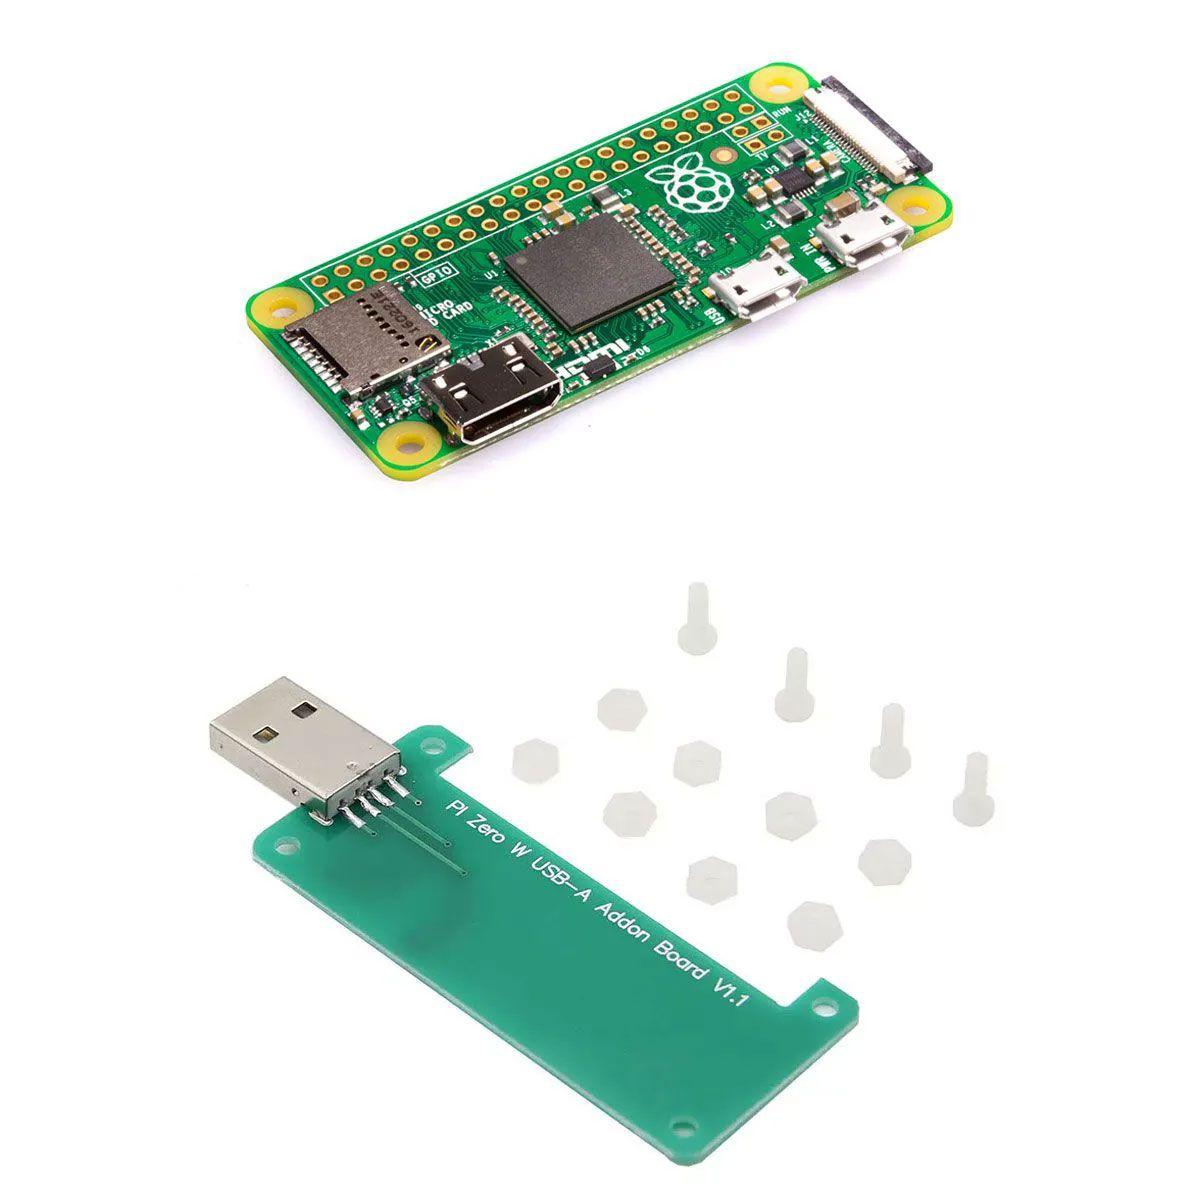 Kit: Raspberry Pi Zero 1.3 + Adaptador USB Tipo A para Raspberry Pi Zero